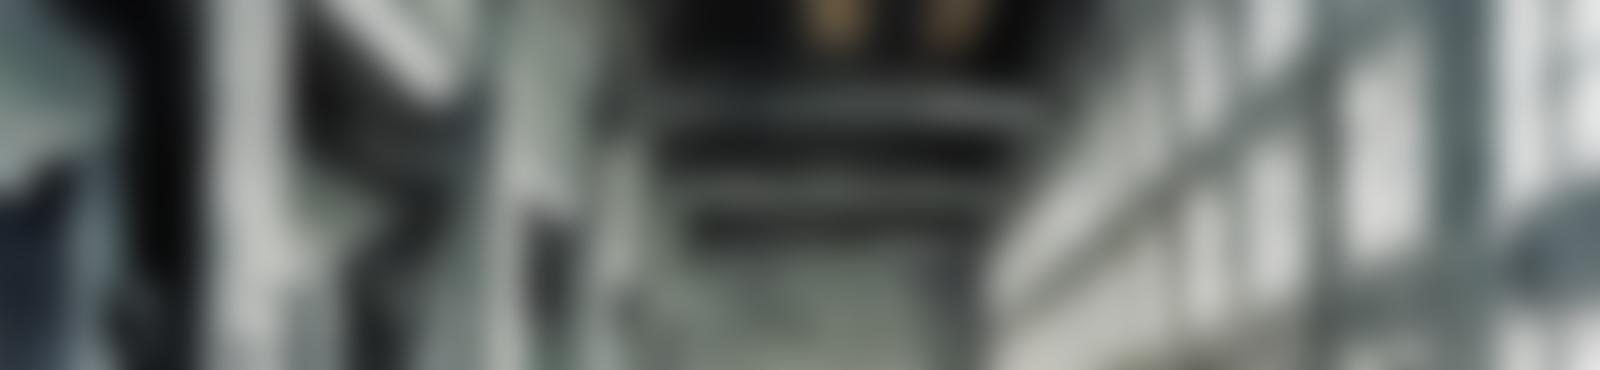 Blurred 9874edd1da